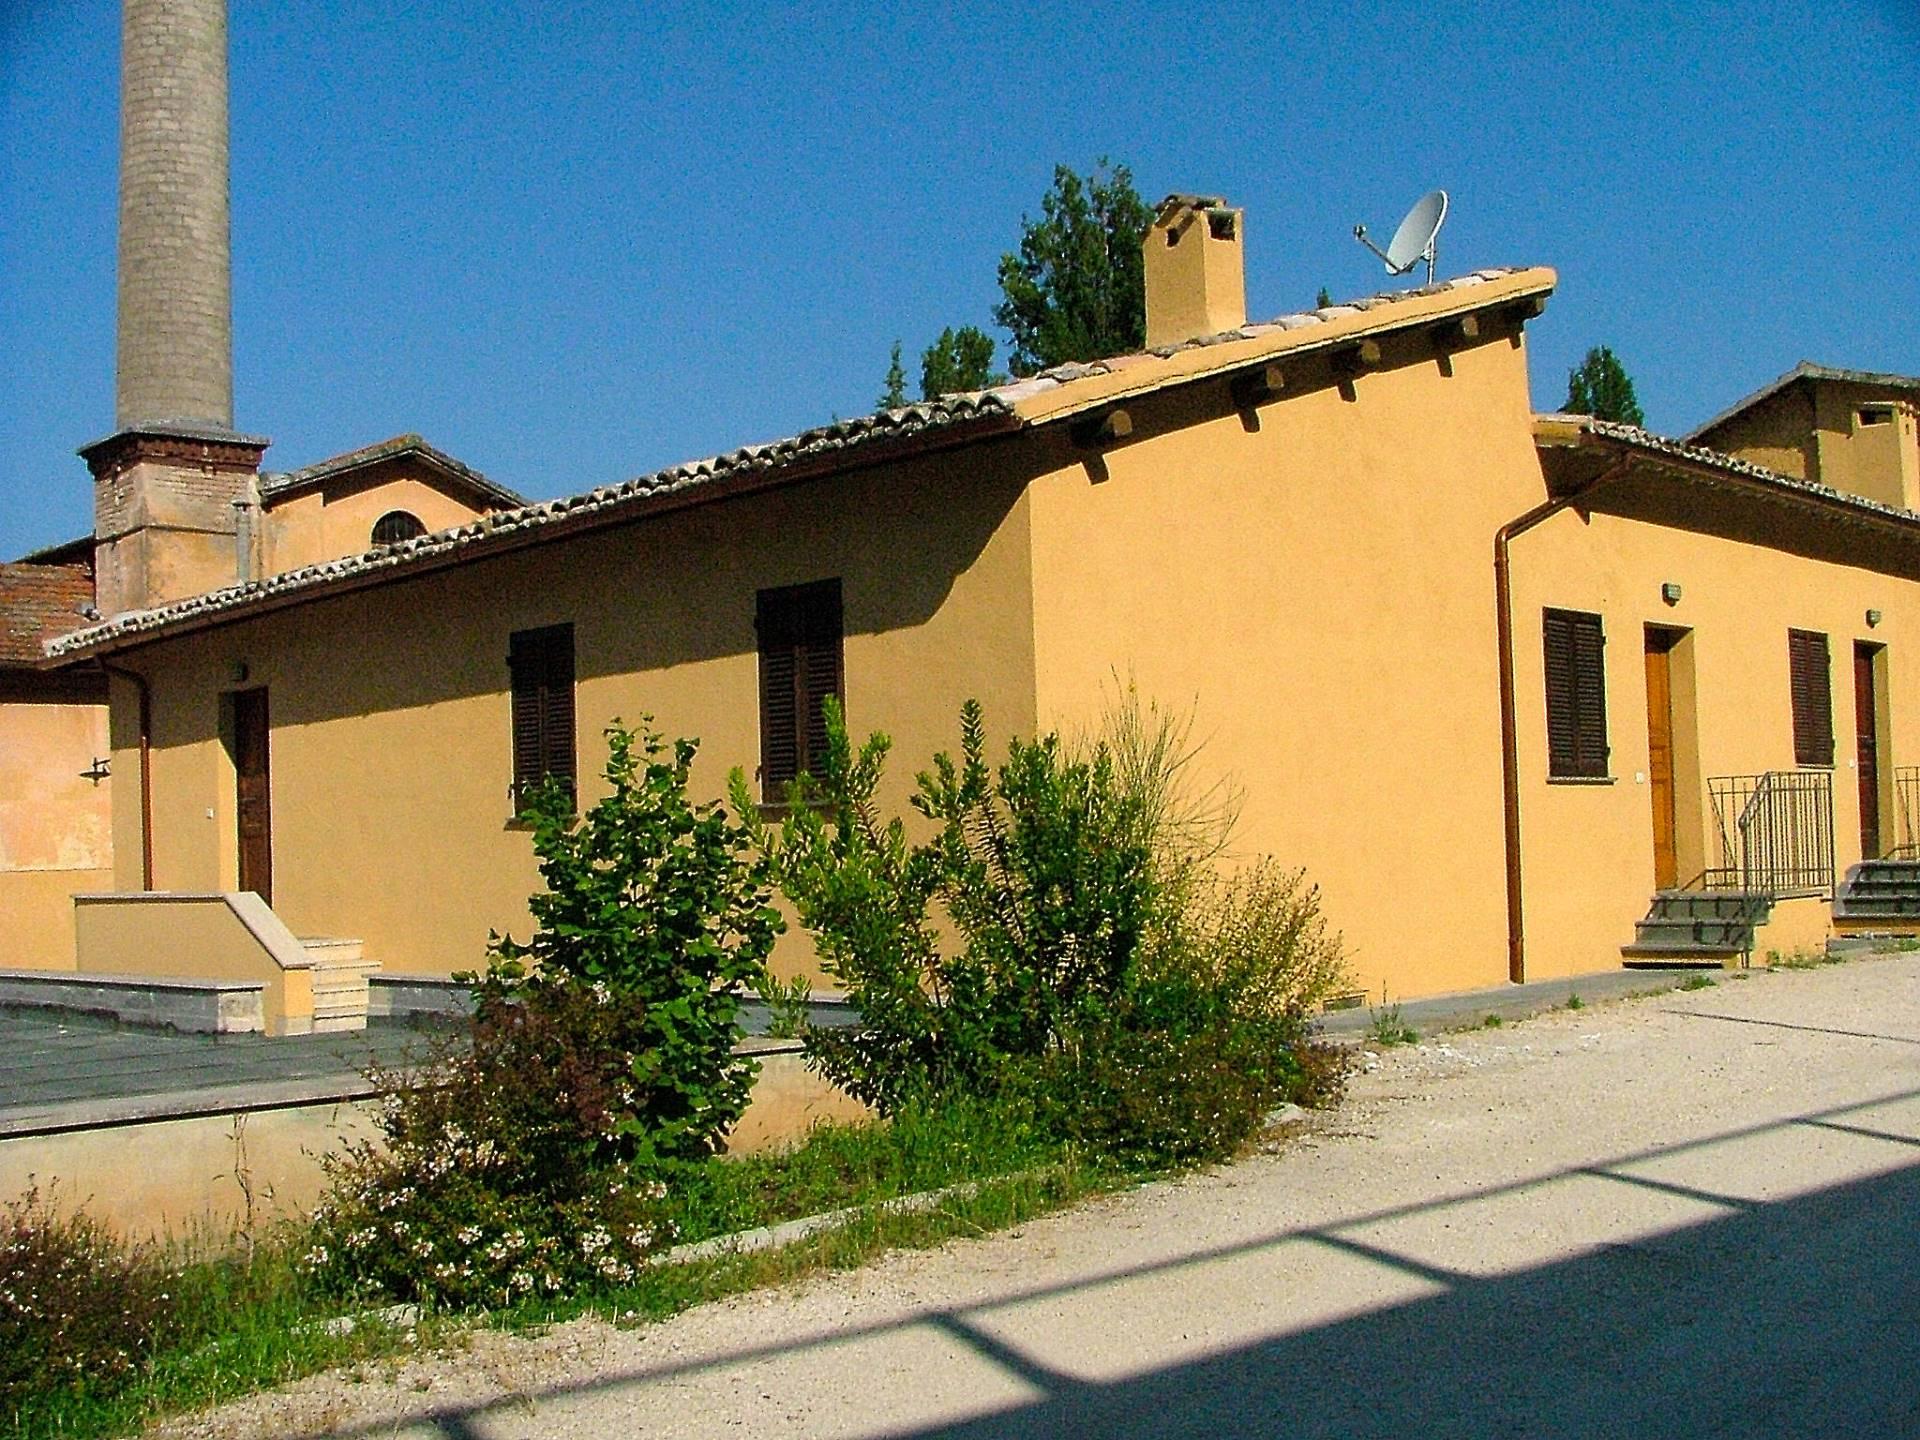 Appartamento in vendita a Campello sul Clitunno, 2 locali, zona Zona: Pissignano, prezzo € 50.000 | CambioCasa.it